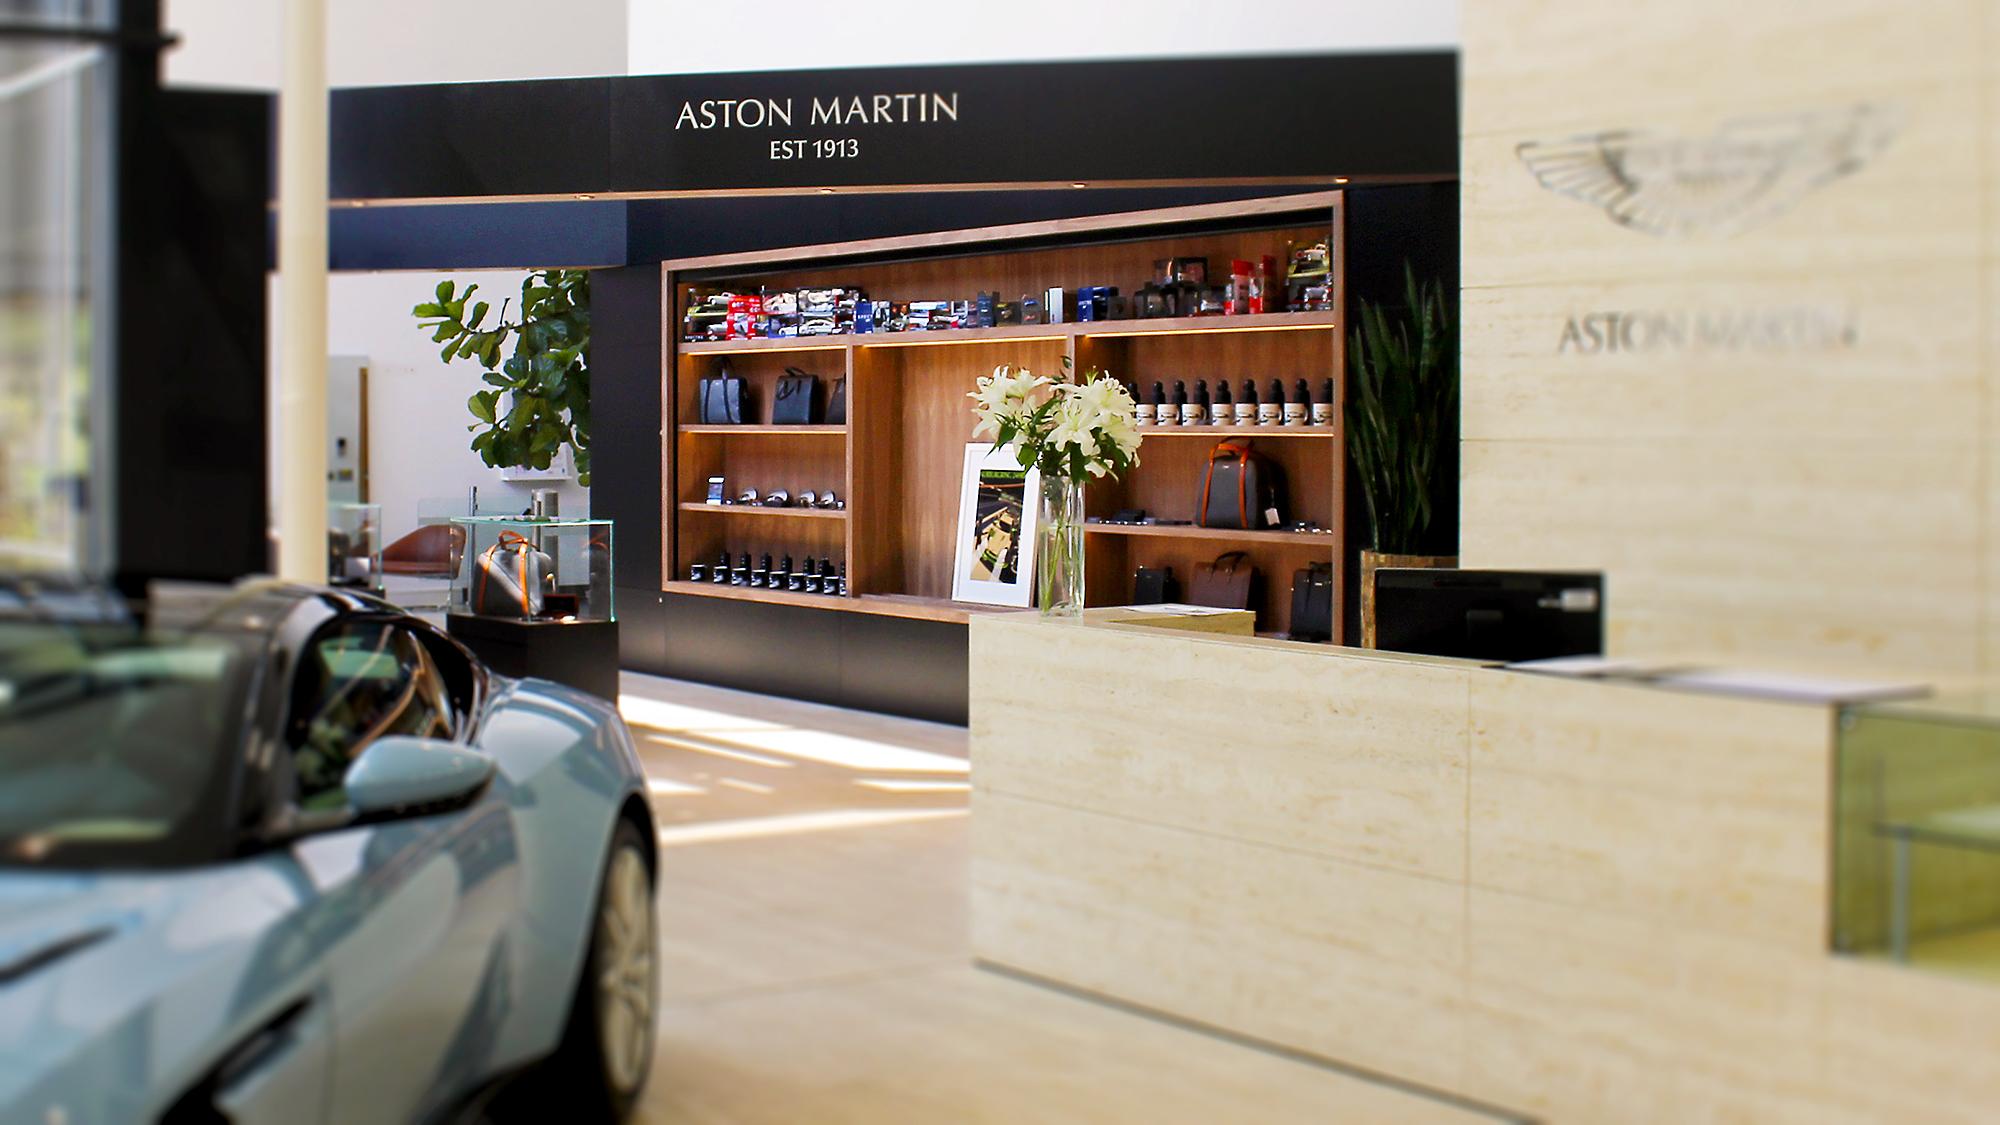 Aston Martin Gls Design